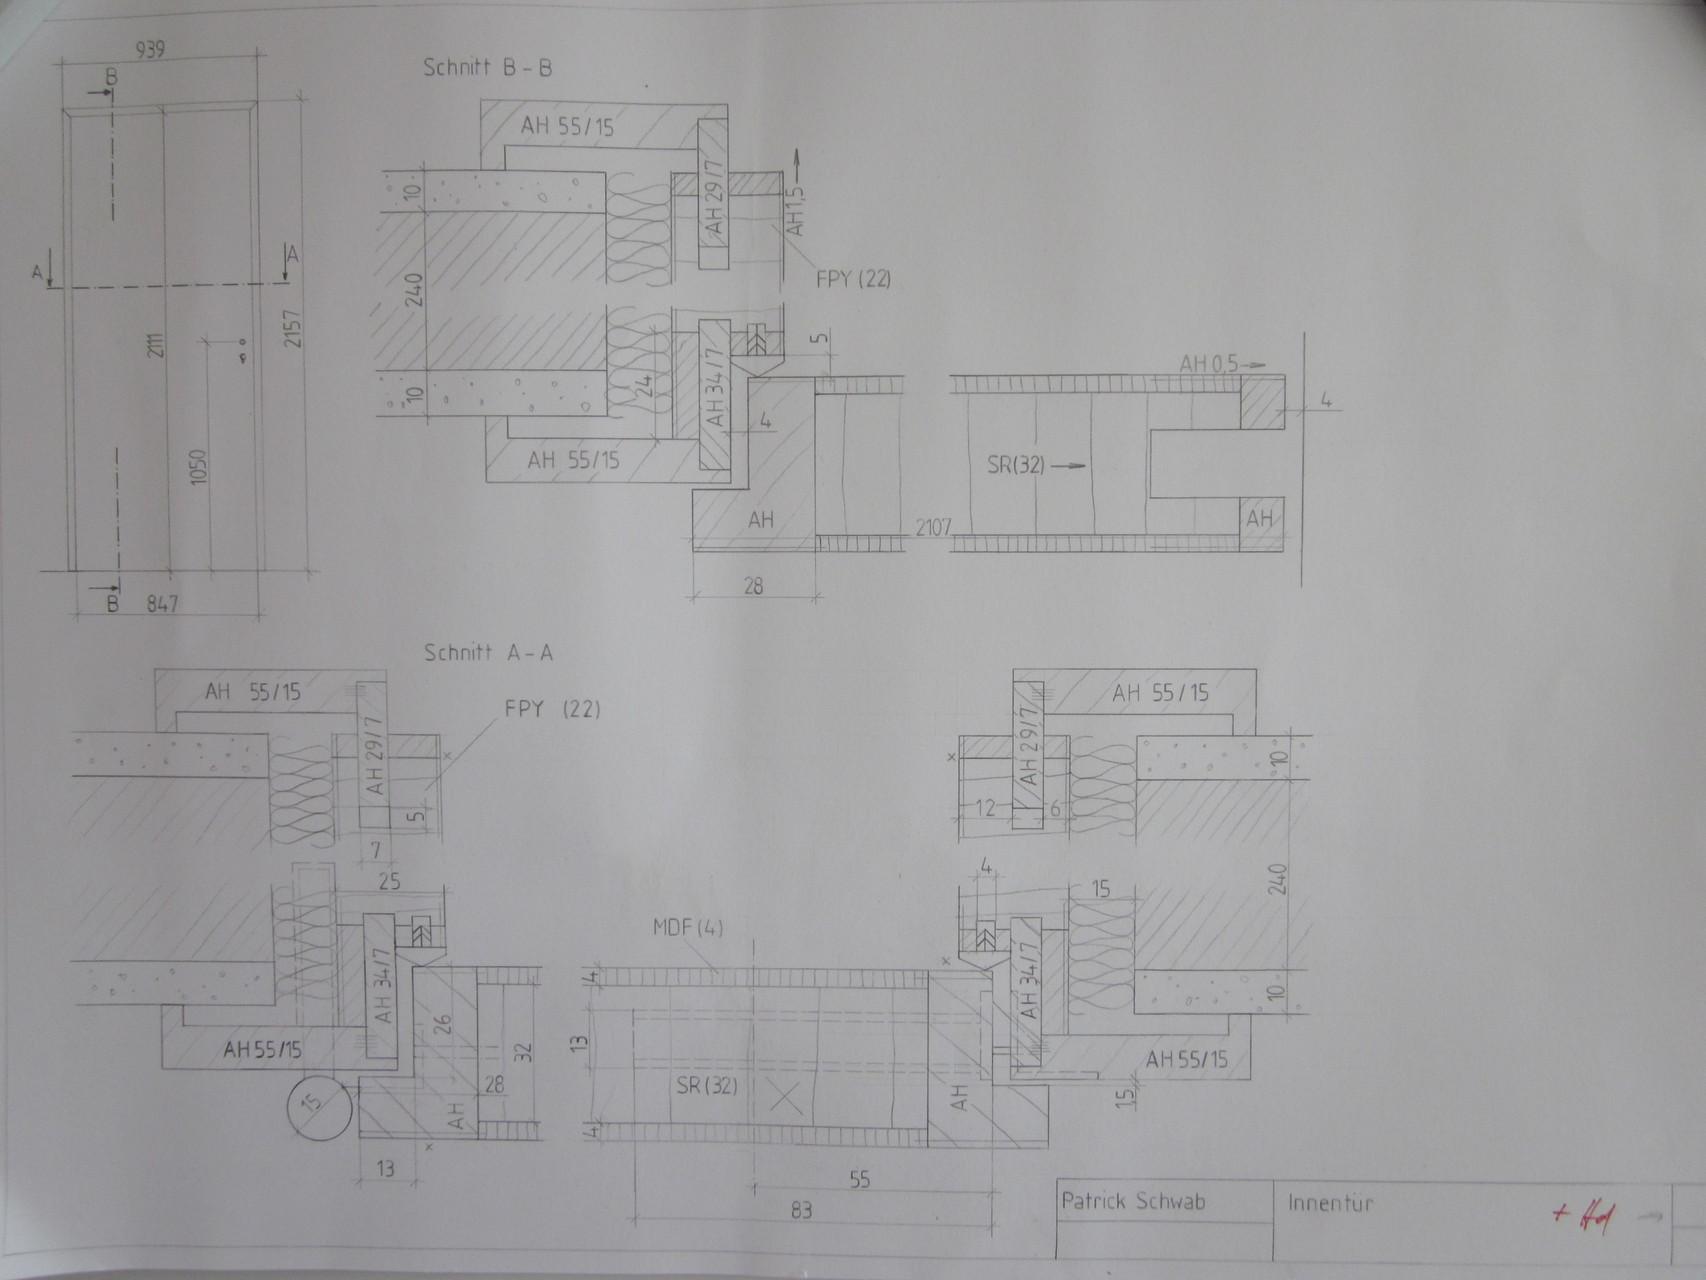 Fertigungszeichnung Innentür (Lernfeld 9)